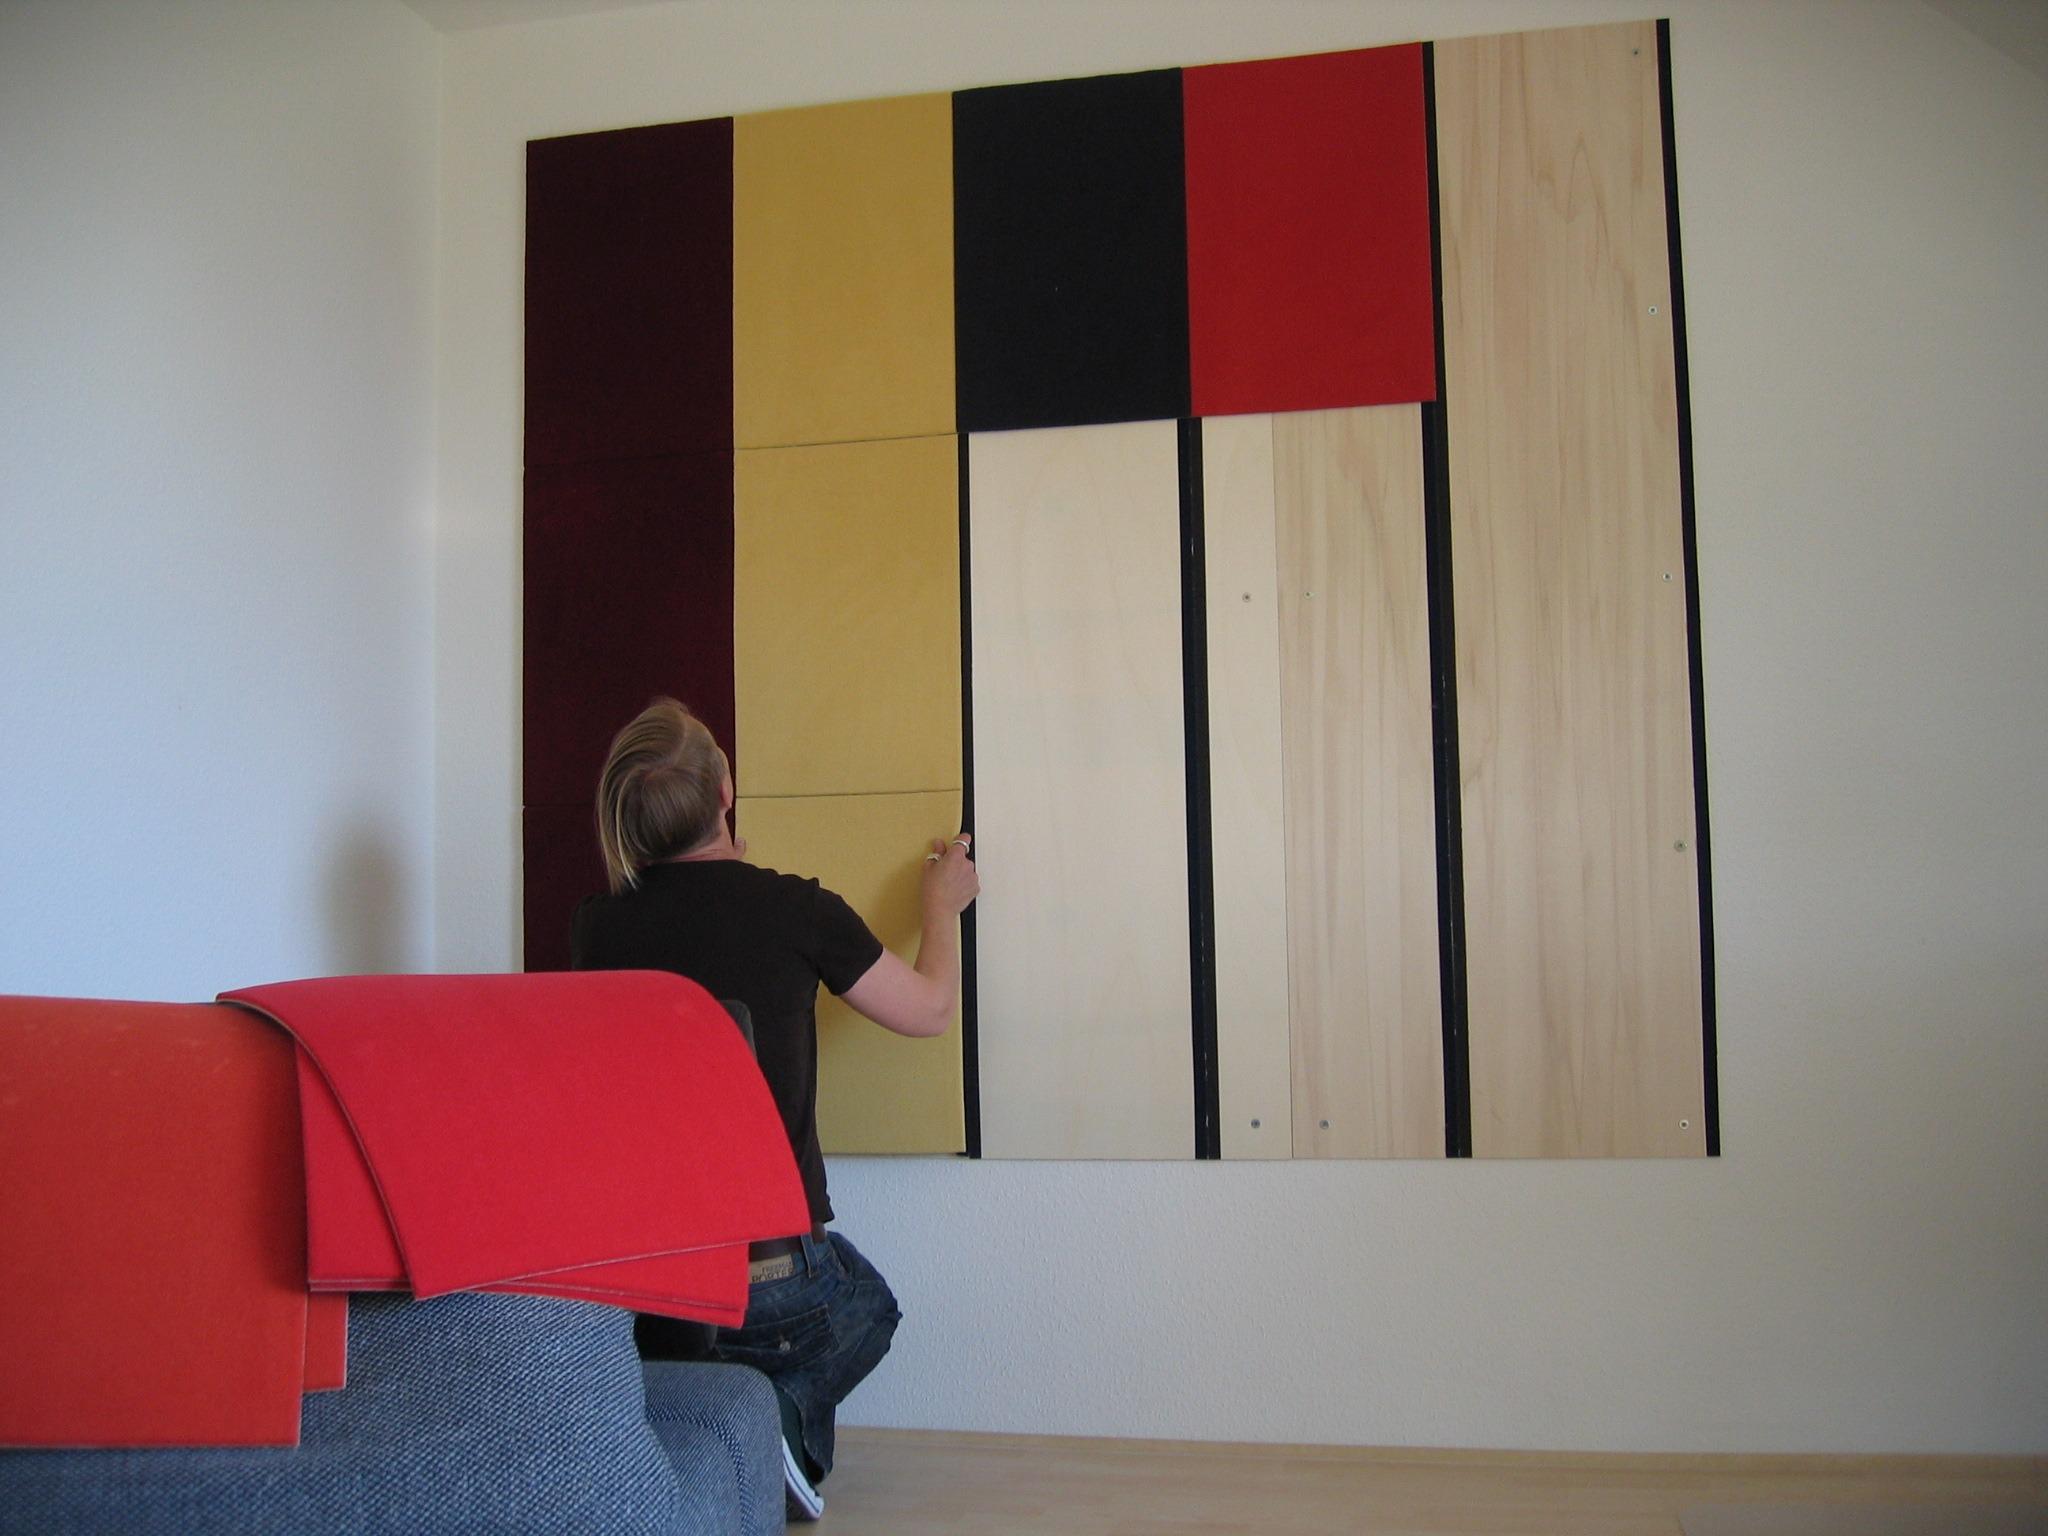 dreckst ckchen wandbild farben w hlbar dreckst wir gestalten ihre pers nliche. Black Bedroom Furniture Sets. Home Design Ideas